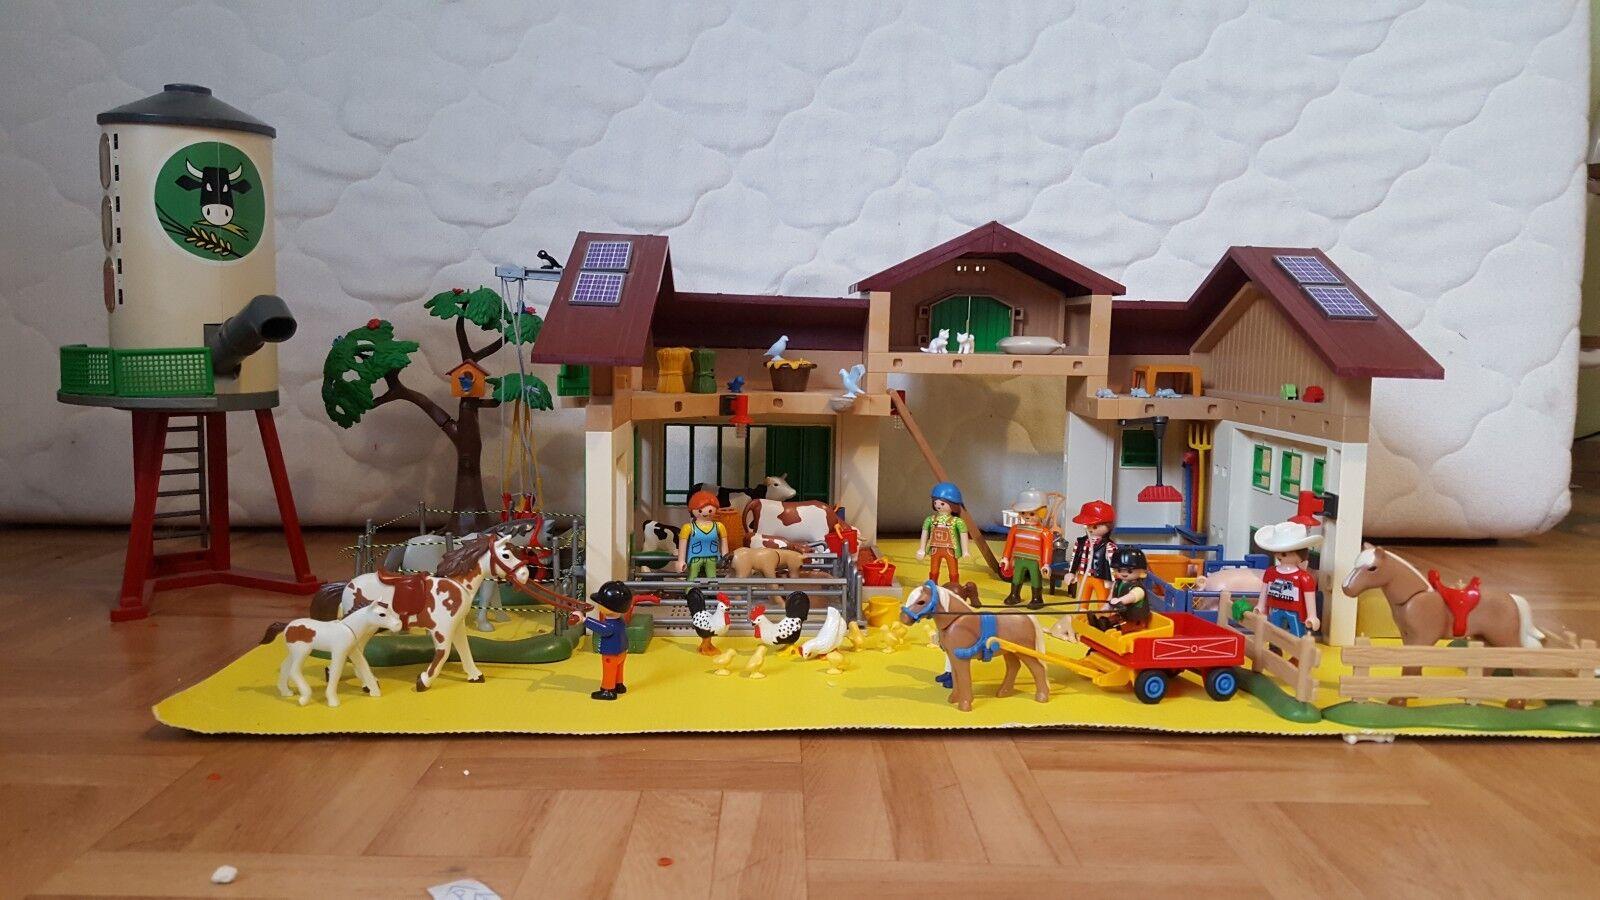 Playmobil 5119 + 5120 + 6811Grosser Bauernhof m. Silo, Bauernhaus m.Hofladen,..